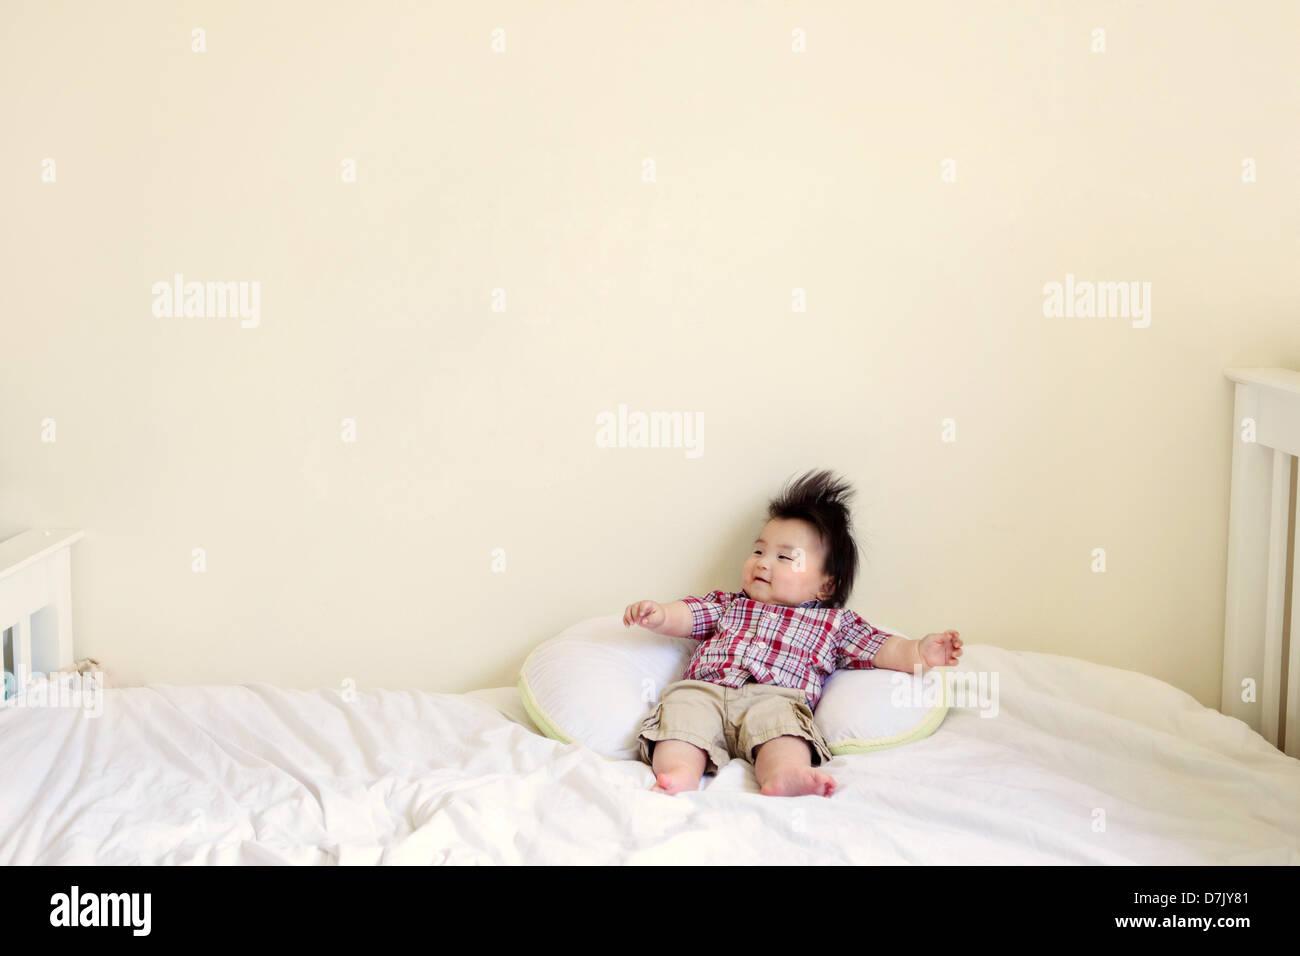 Enfant coréen-américain avec les cheveux noirs hérissés de détente sur double bras tendus Photo Stock